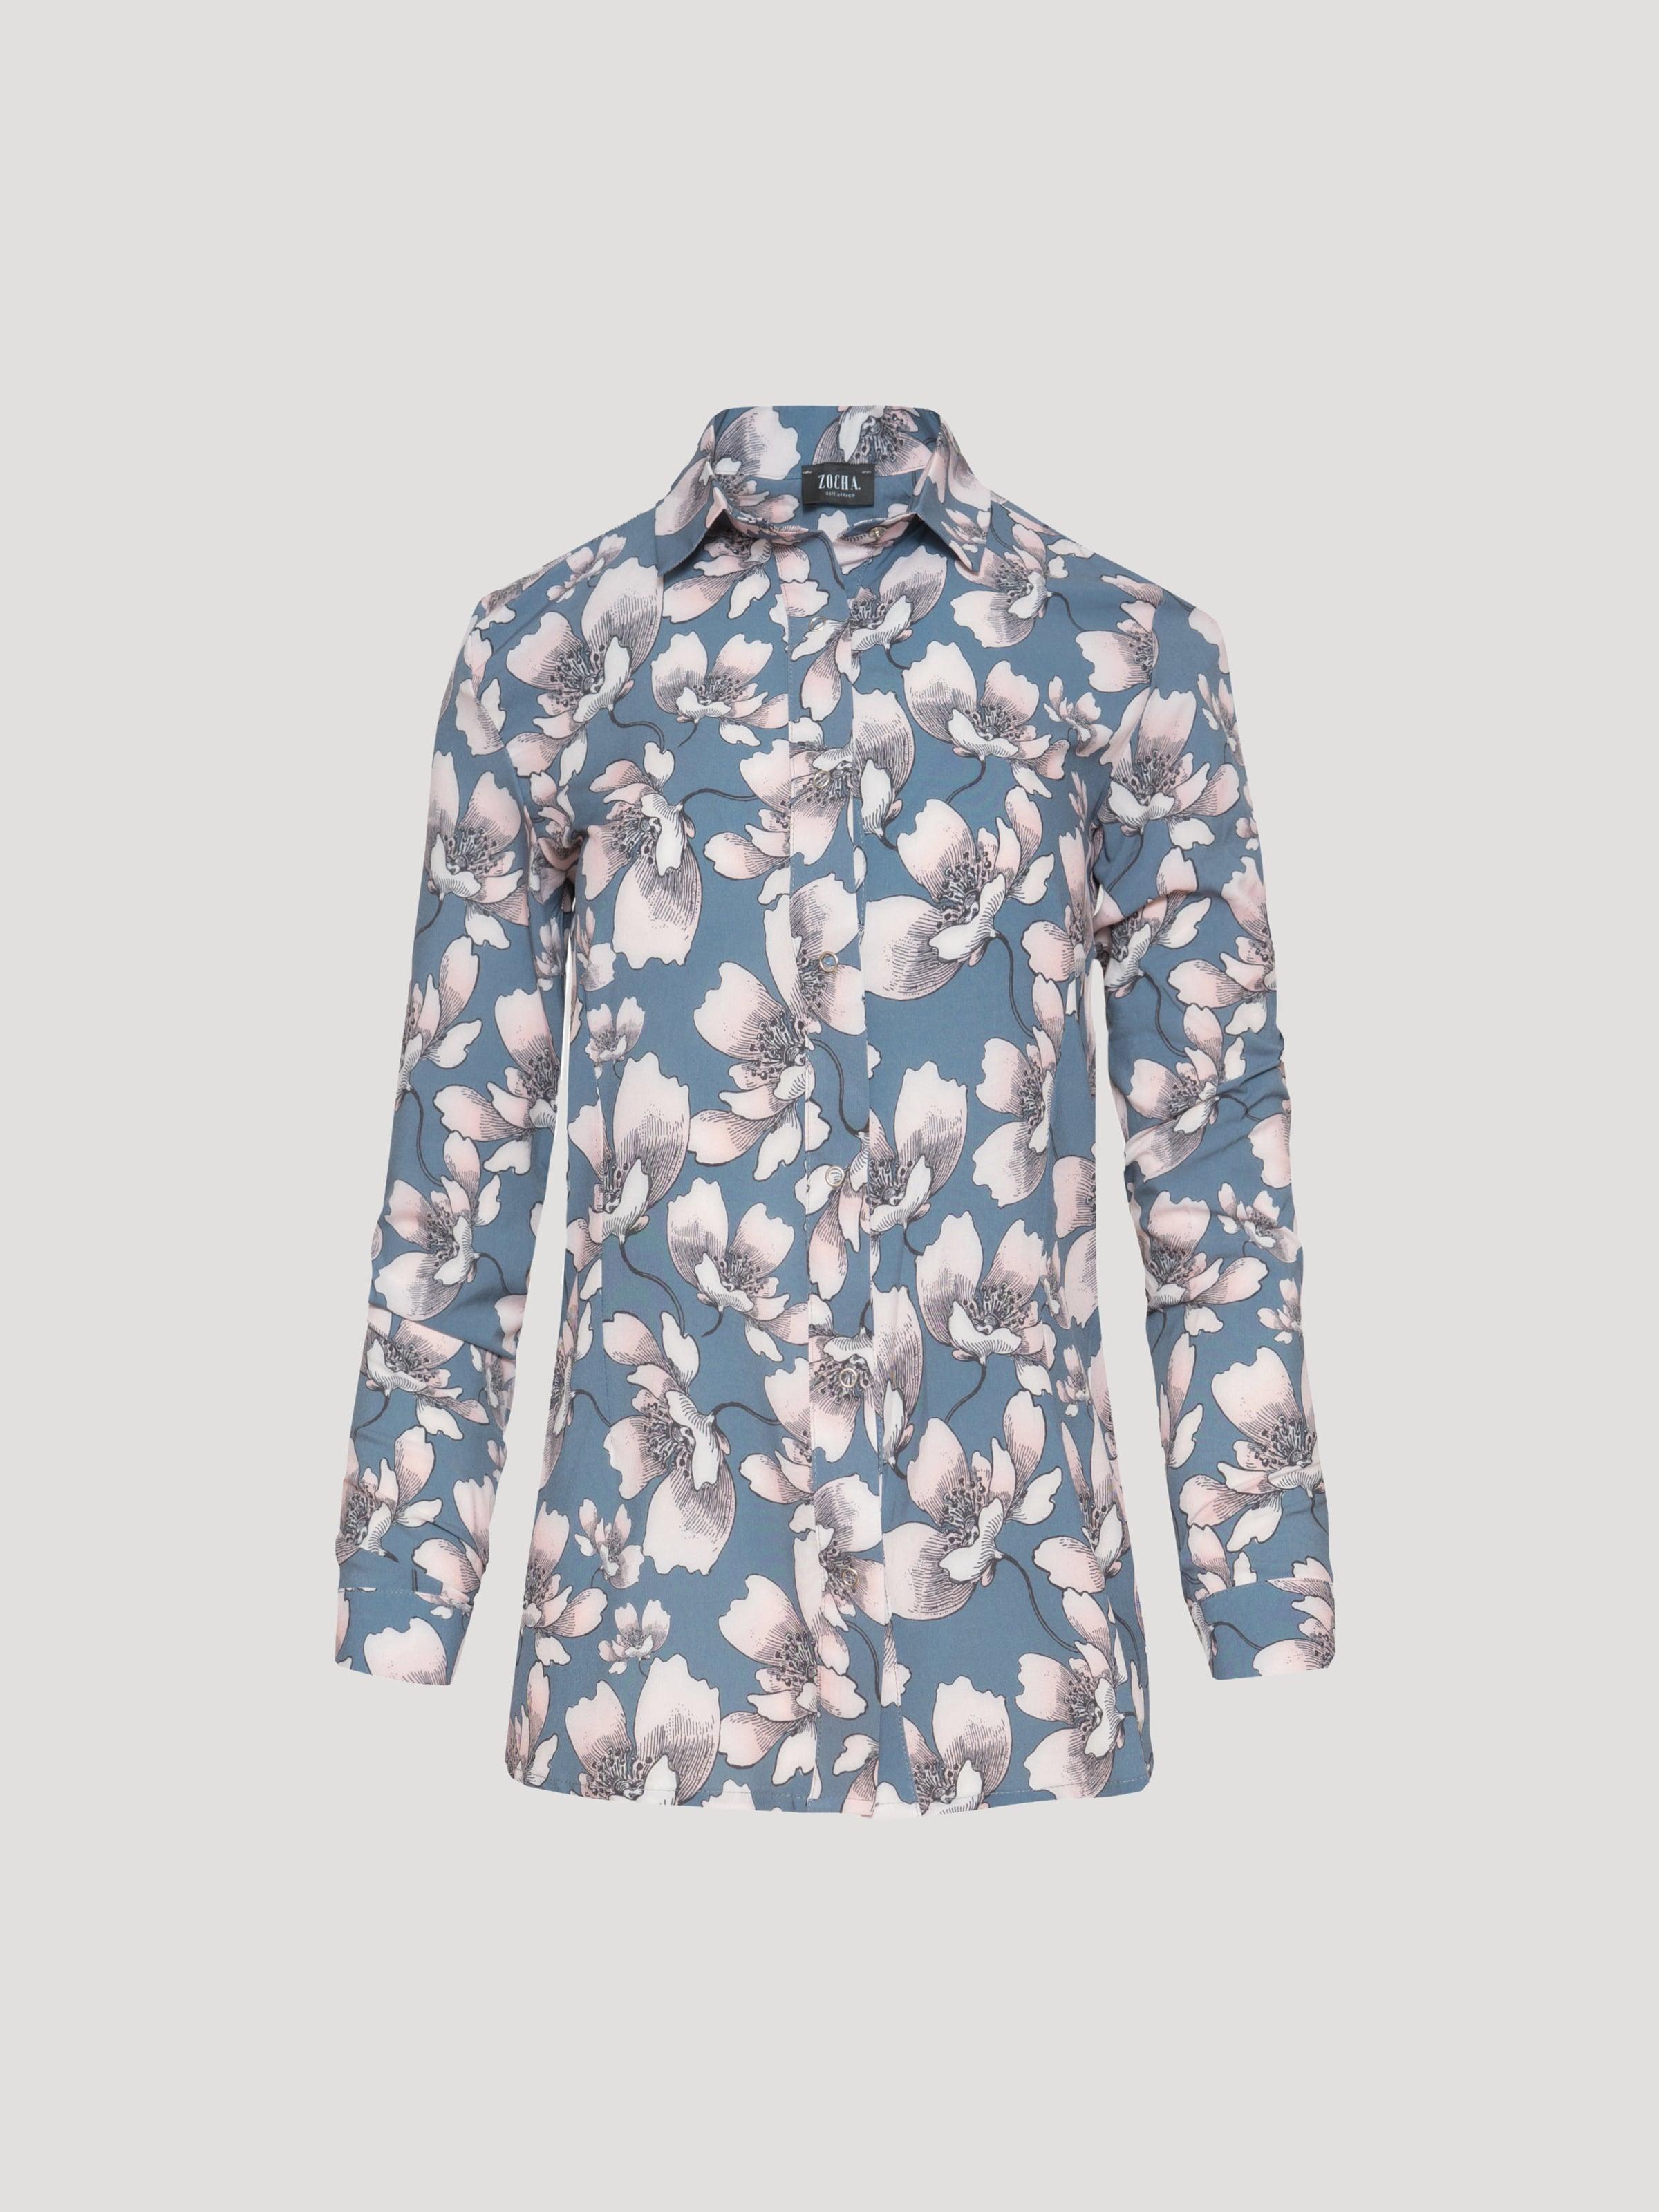 Usha HimmelblauWeiß Usha In In Bluse Bluse In Bluse HimmelblauWeiß HimmelblauWeiß Usha Bluse Usha dtQrhCxs